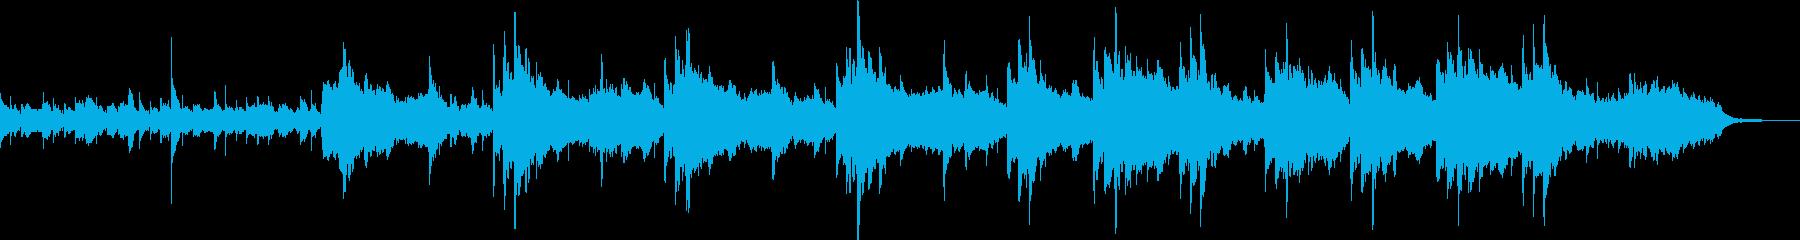 1分14秒ソング 和風くつろぎ の再生済みの波形